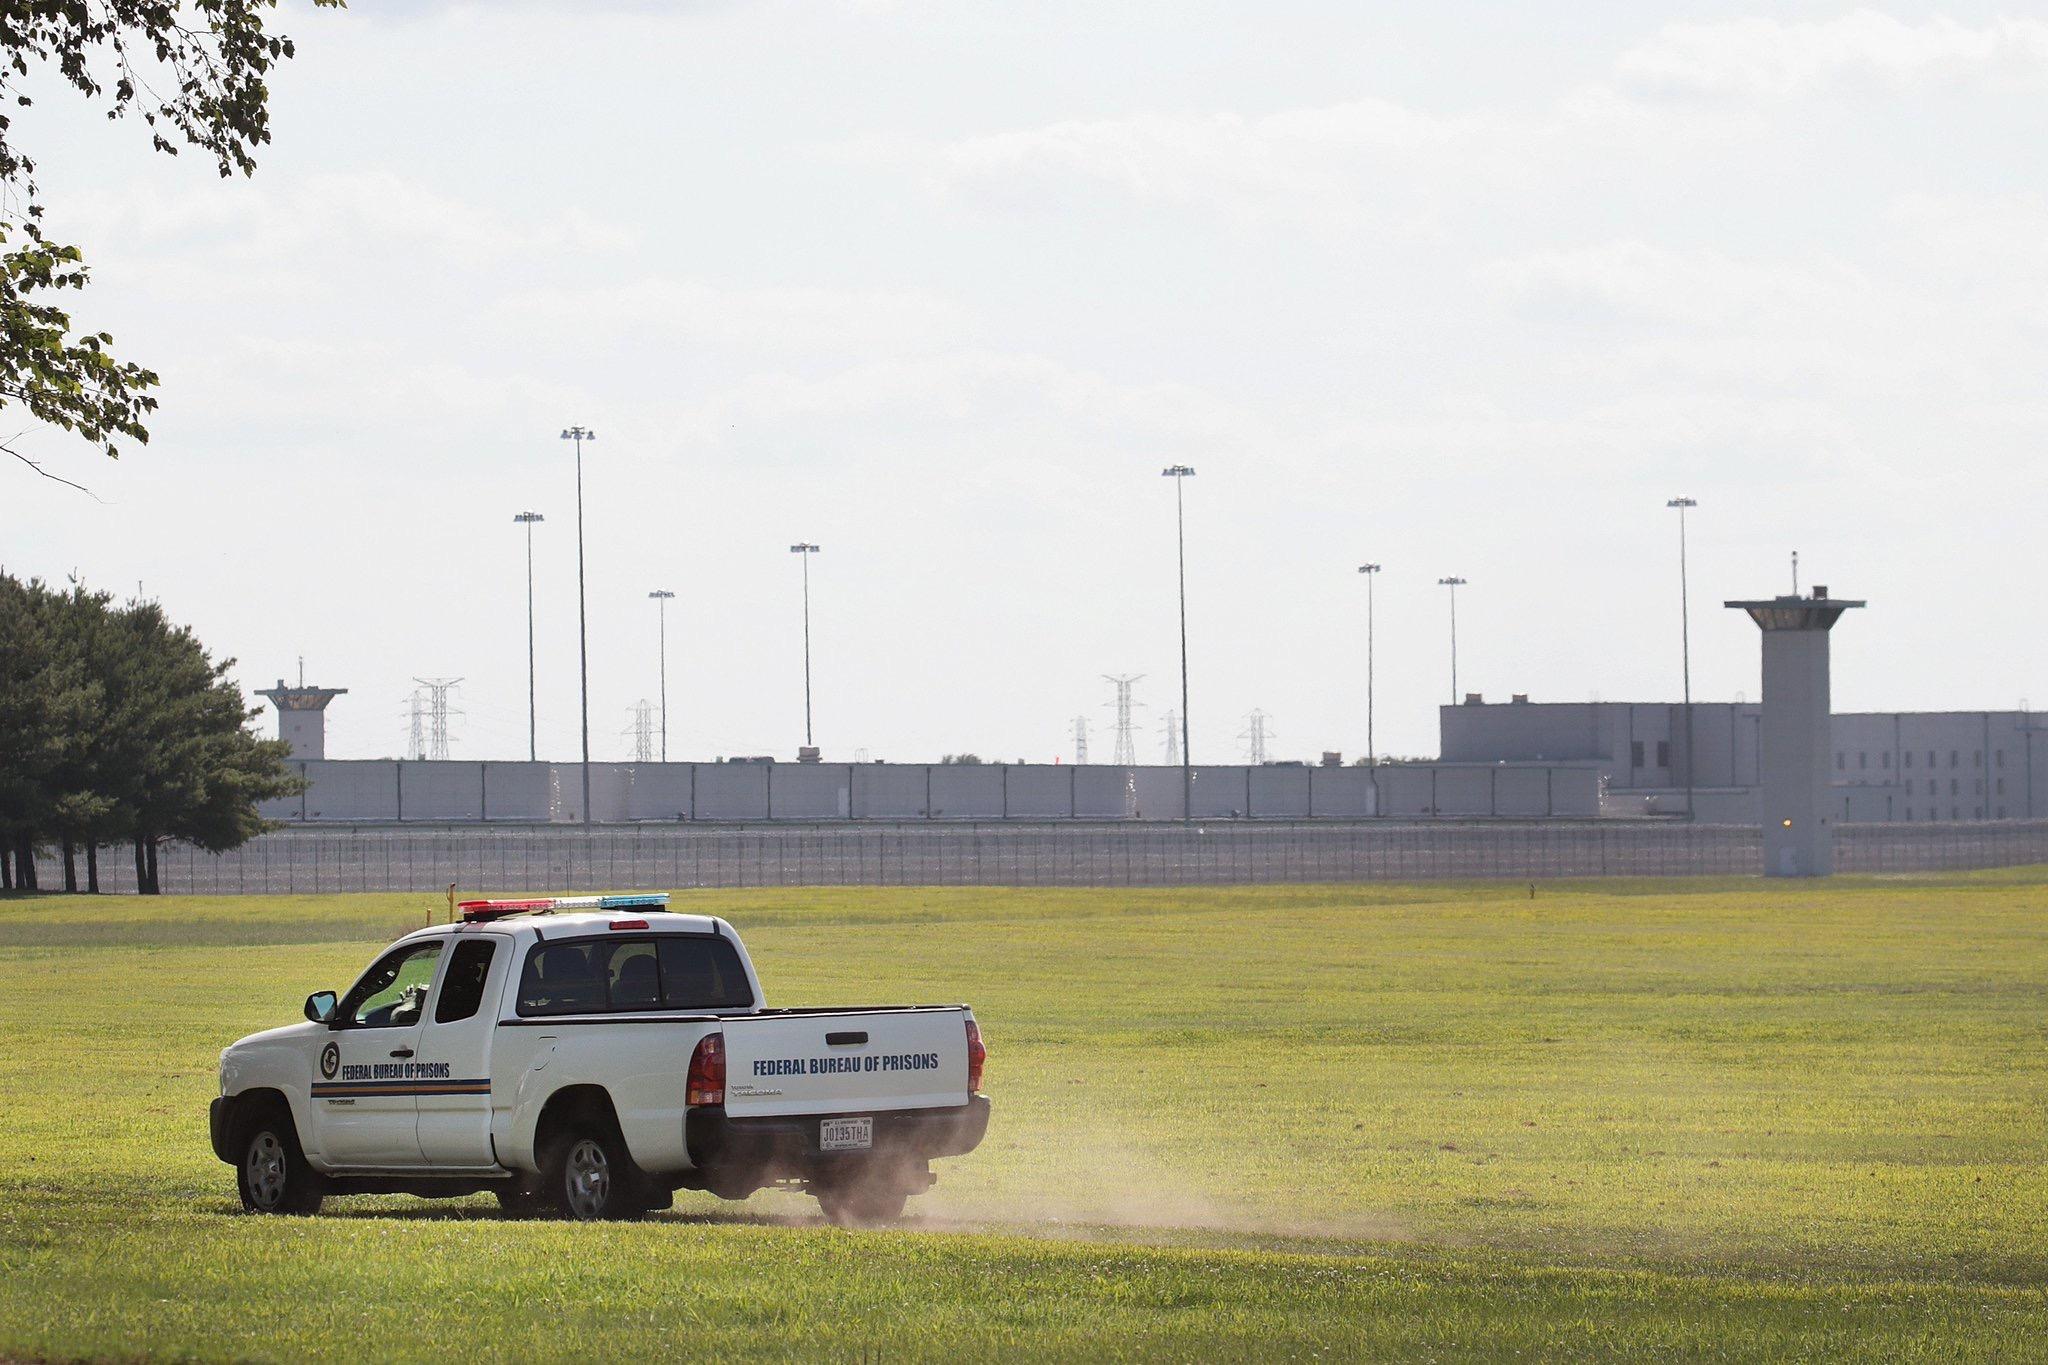 Une Américaine condamnée à mort pour meurtre a été libérée grâce à l'intervention de plusieurs stars